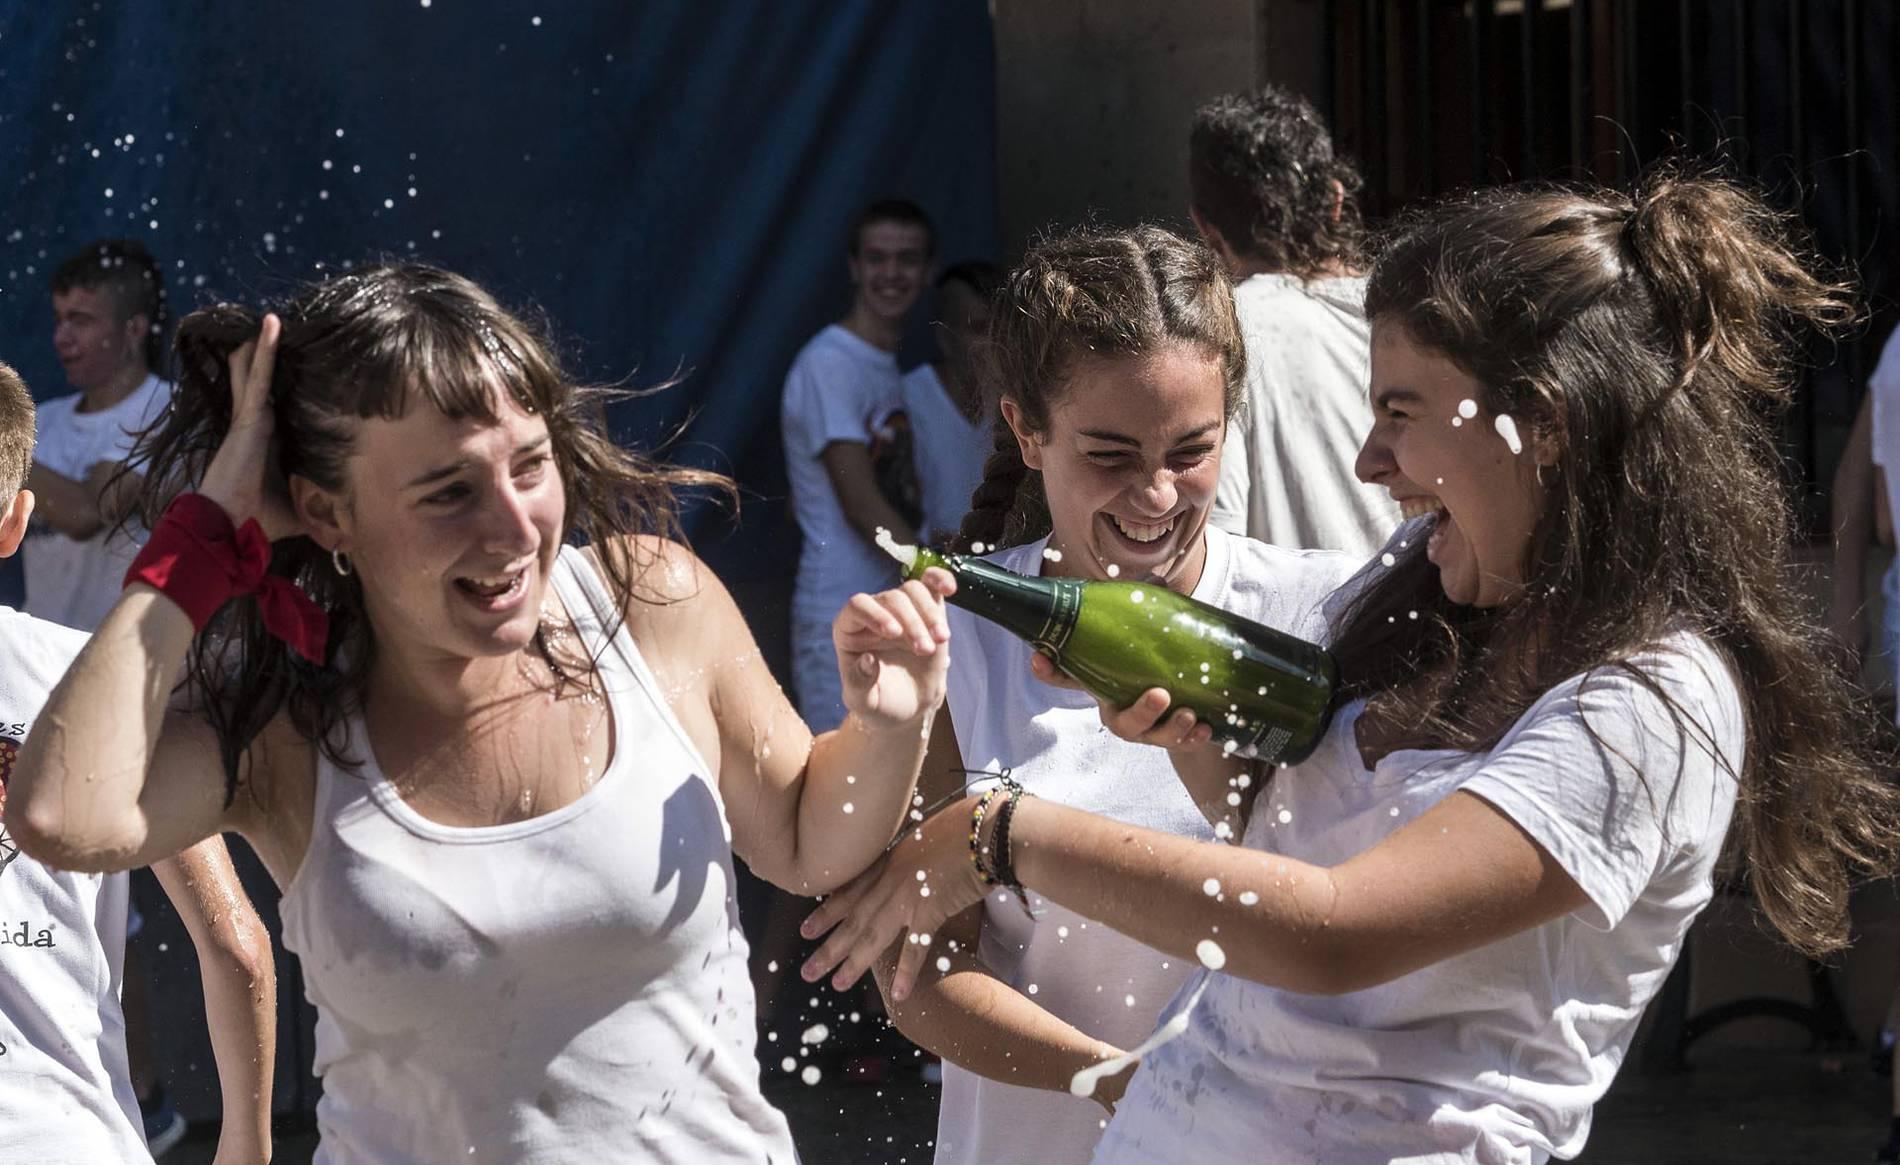 Cohete de las fiestas de Dicastillo (1/12) - Dicastillo inicia sus fiestas populares de 2017 - Tierra Estella -